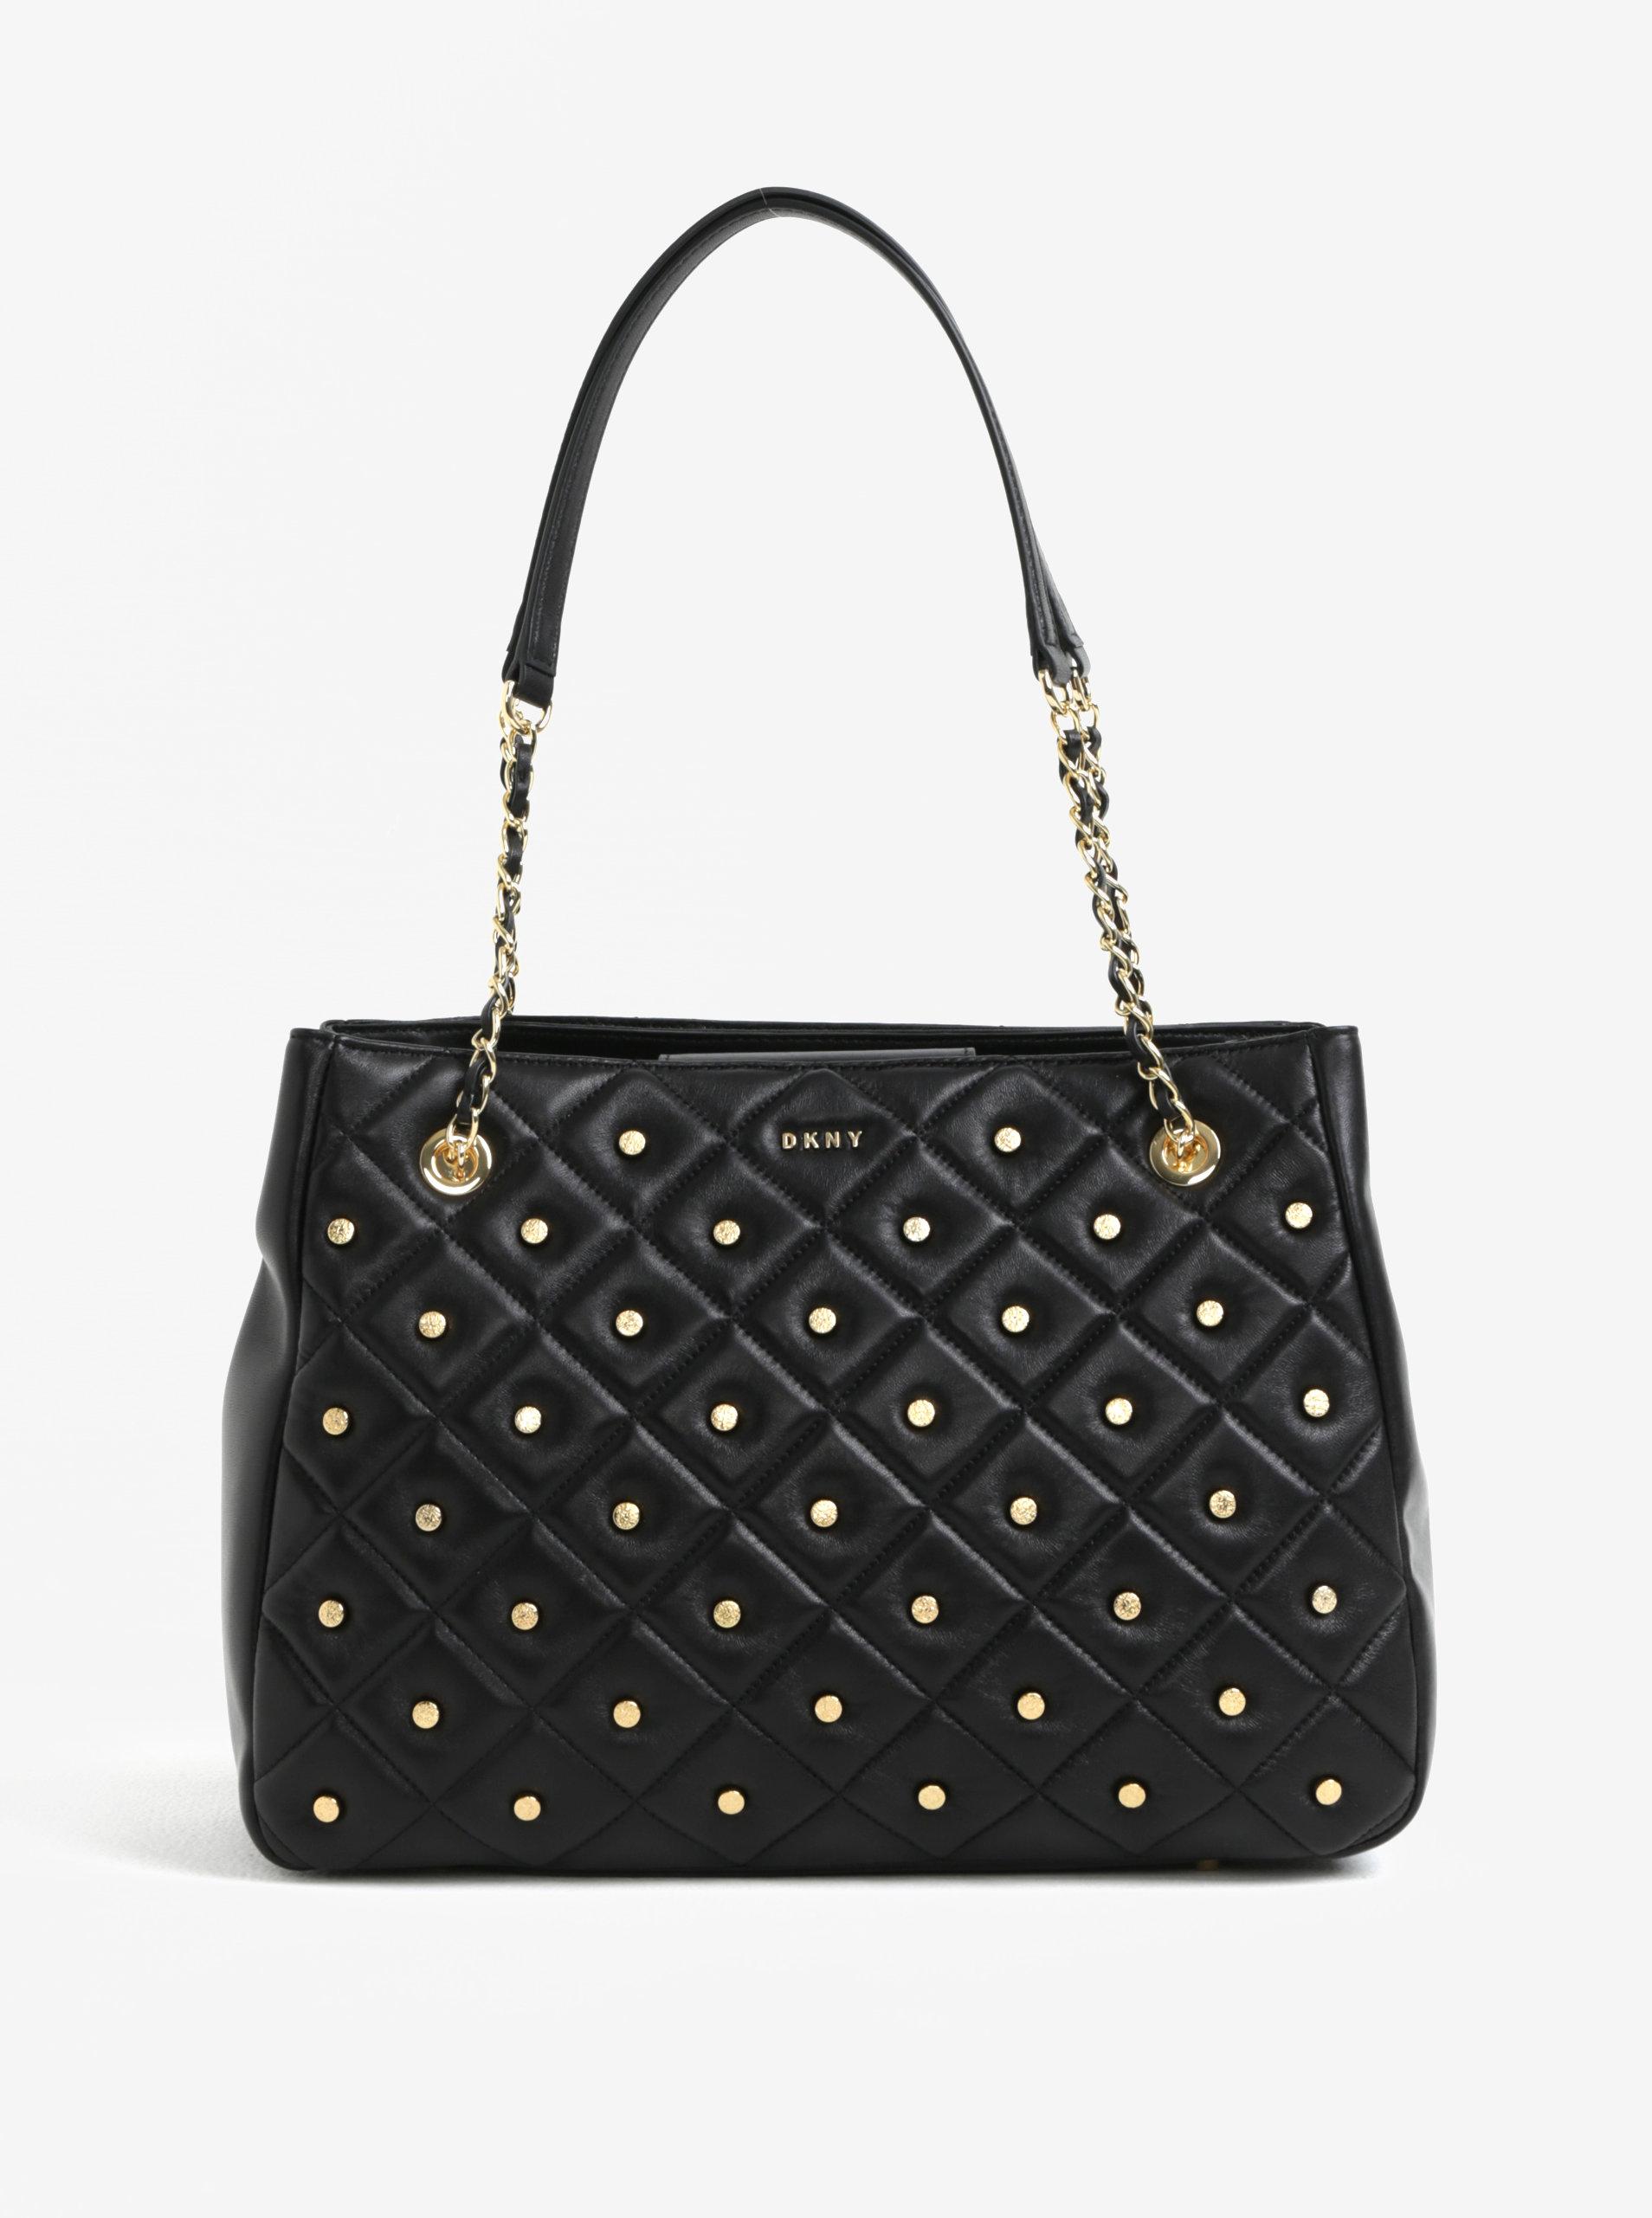 Čierna veľká kožená kabelka s detailmi v zlatej farbe DKNY Barbara ... 1612bf254b